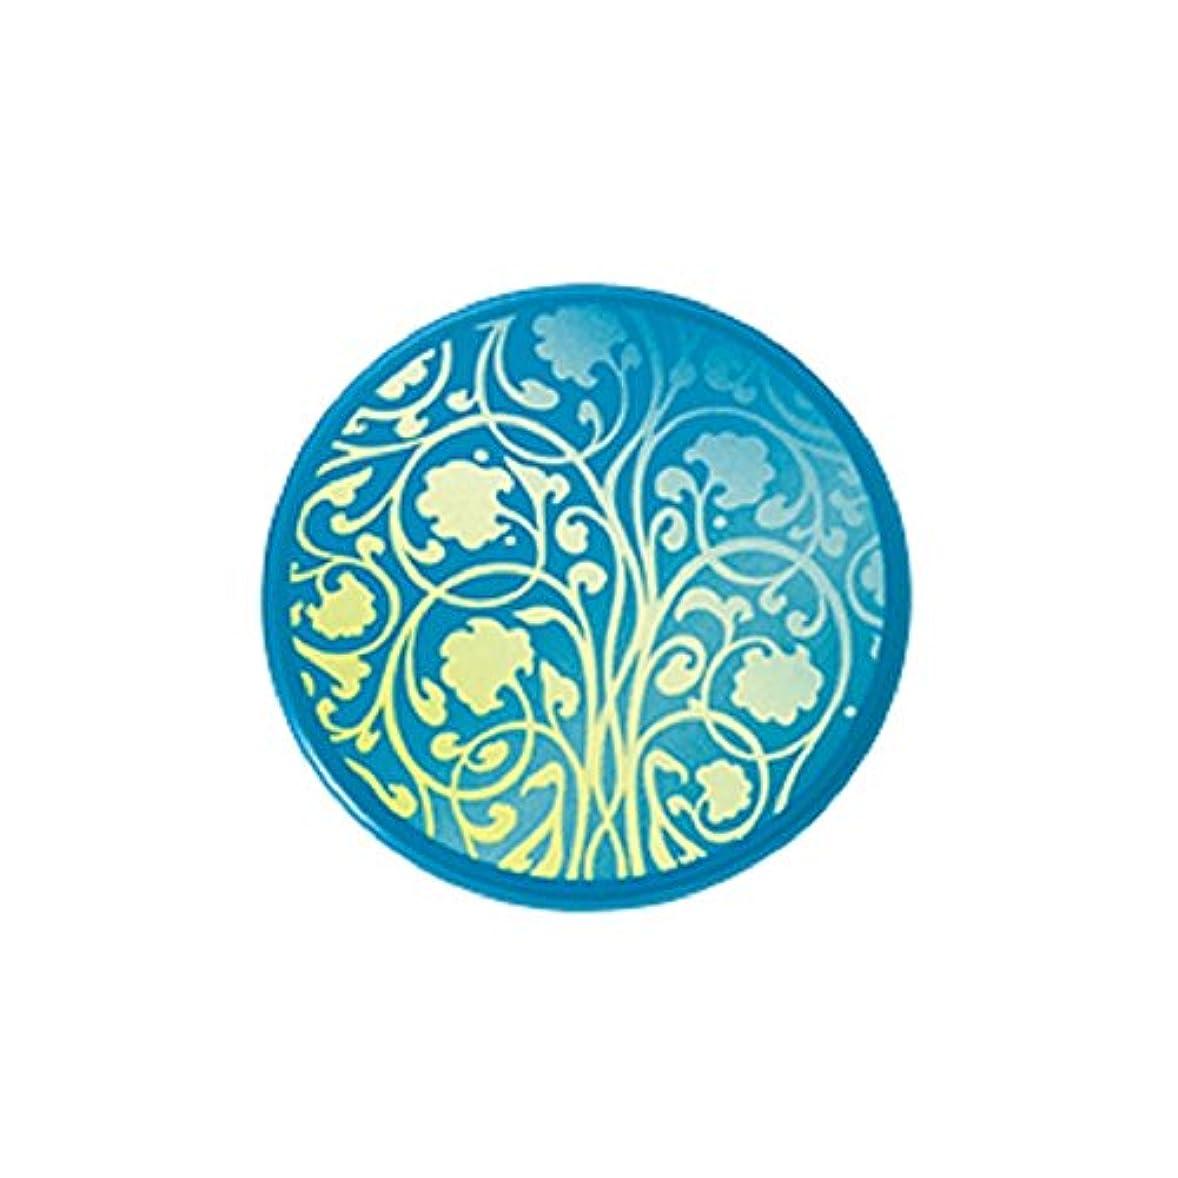 航空待つギャングアユーラ (AYURA) ウェルフィット アロマバーム 14g 〈ソリッドパヒューム〉 心地よい森林の香気